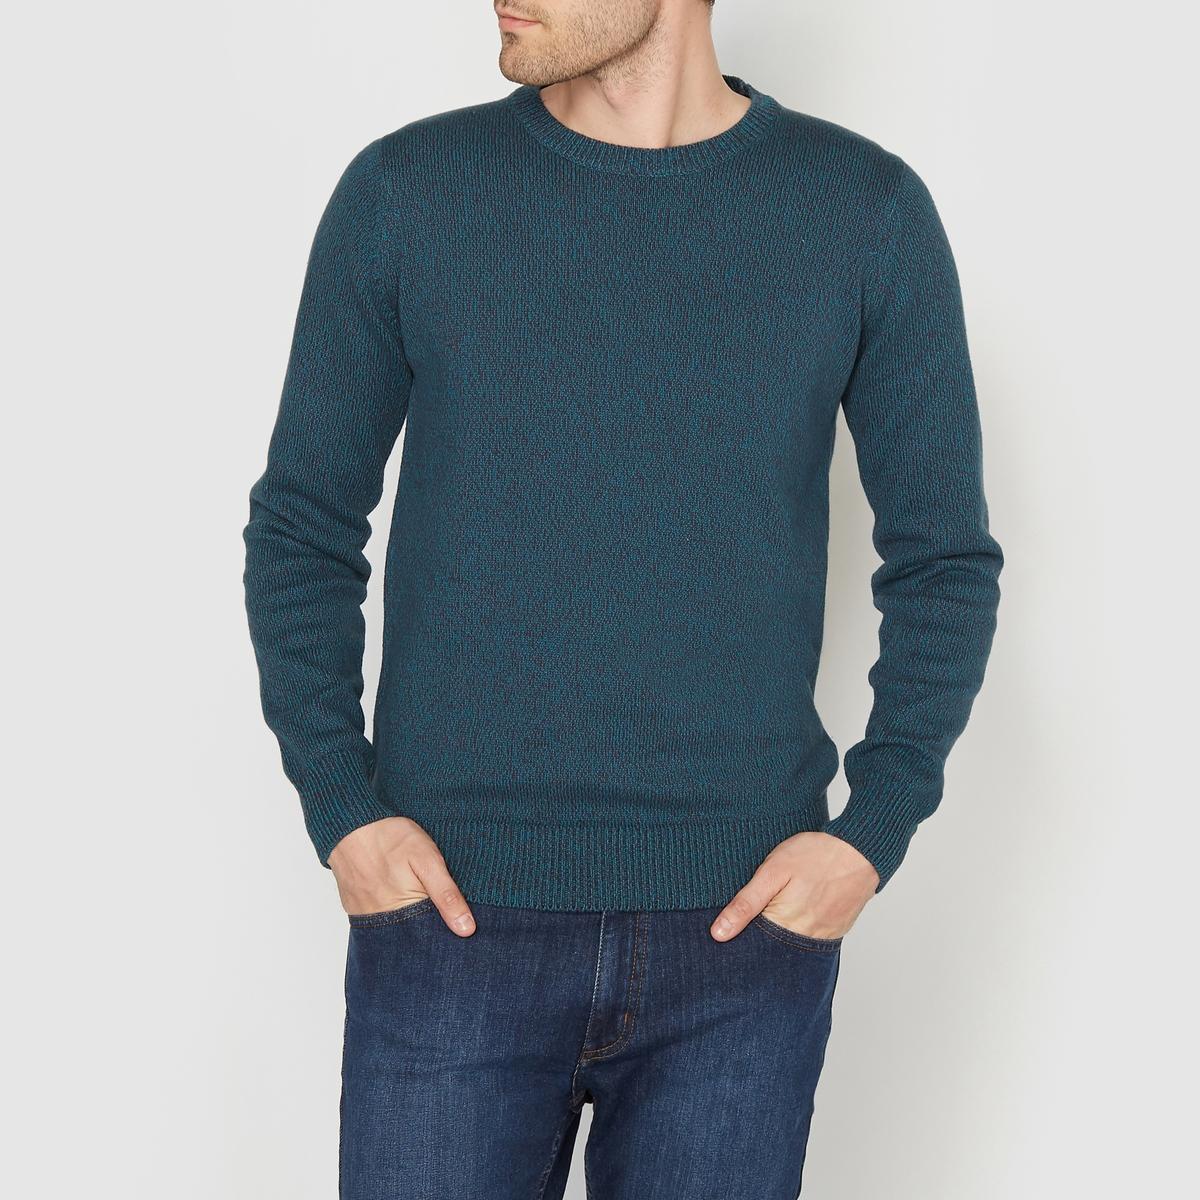 Пуловер из трикотажа мулинеСостав и описание:Материал: 100% хлопка.Марка: R edition<br><br>Цвет: бордовый/экрю,сине-зеленый/темно-синий